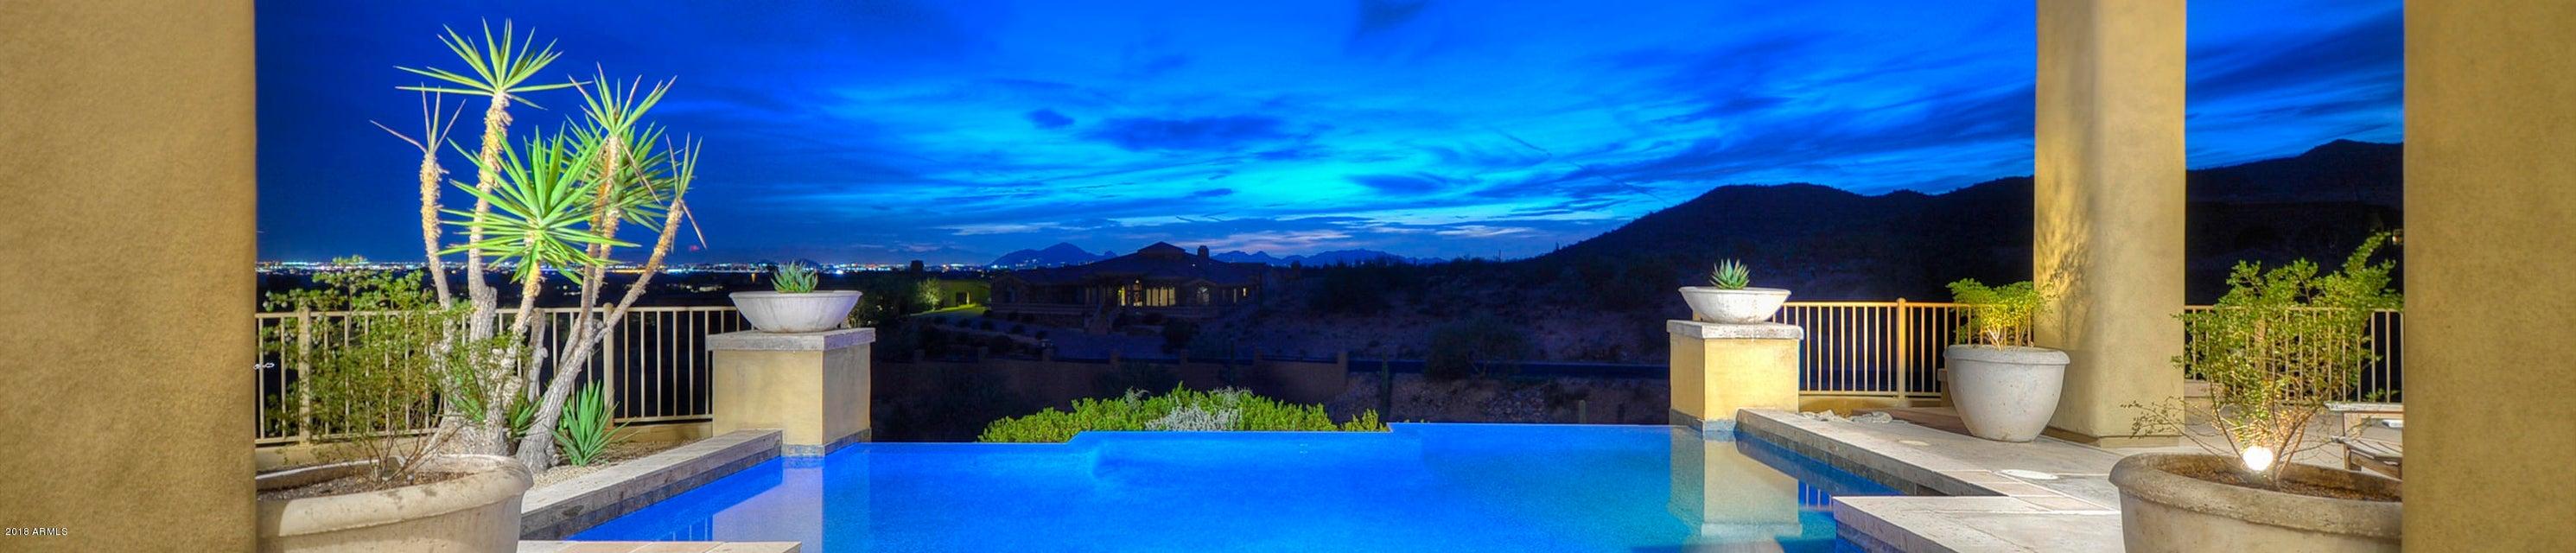 MLS 5724684 12902 E CORRINE Drive, Scottsdale, AZ 85259 Scottsdale AZ Scottsdale Mountain